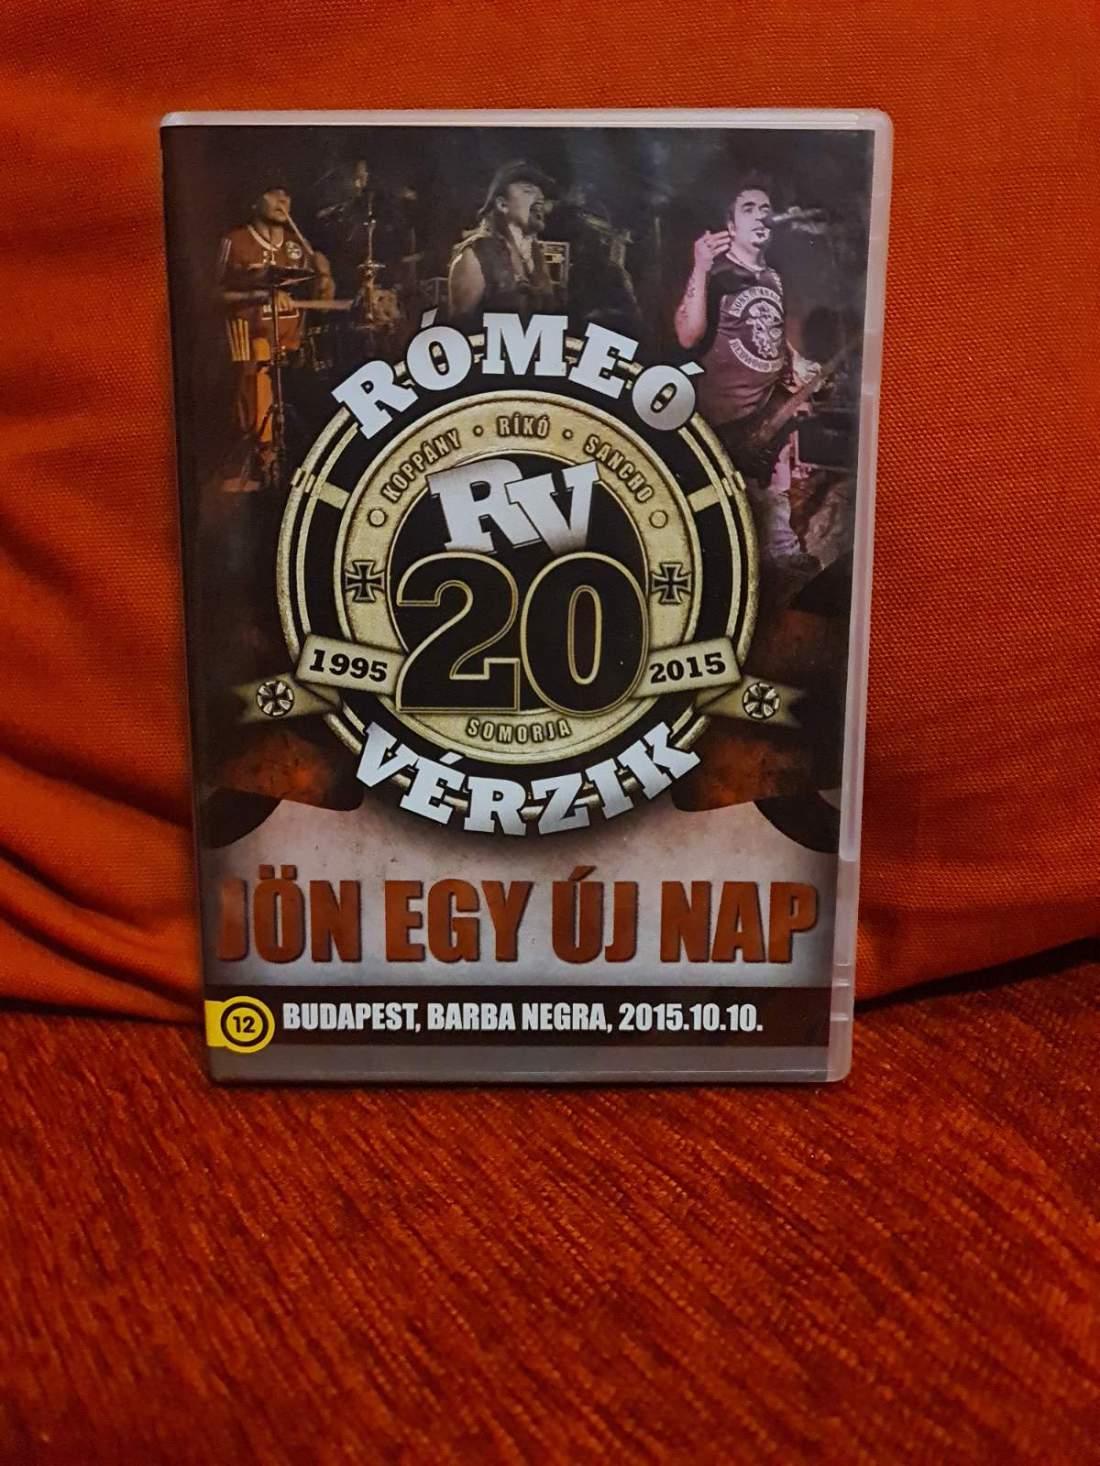 RÓMEÓ VÉRZIK - JÖN EGY ÚJ NAP DVD